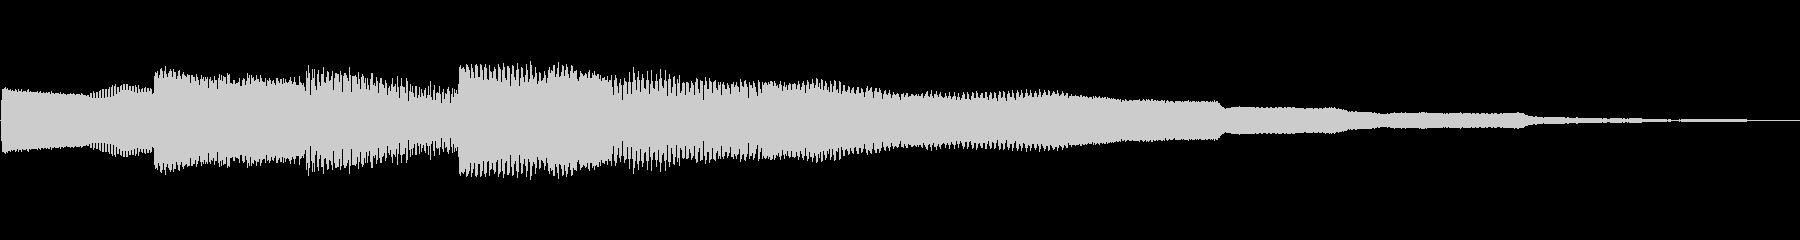 ピコピコーン!!クイズ回答タッチ 02の未再生の波形